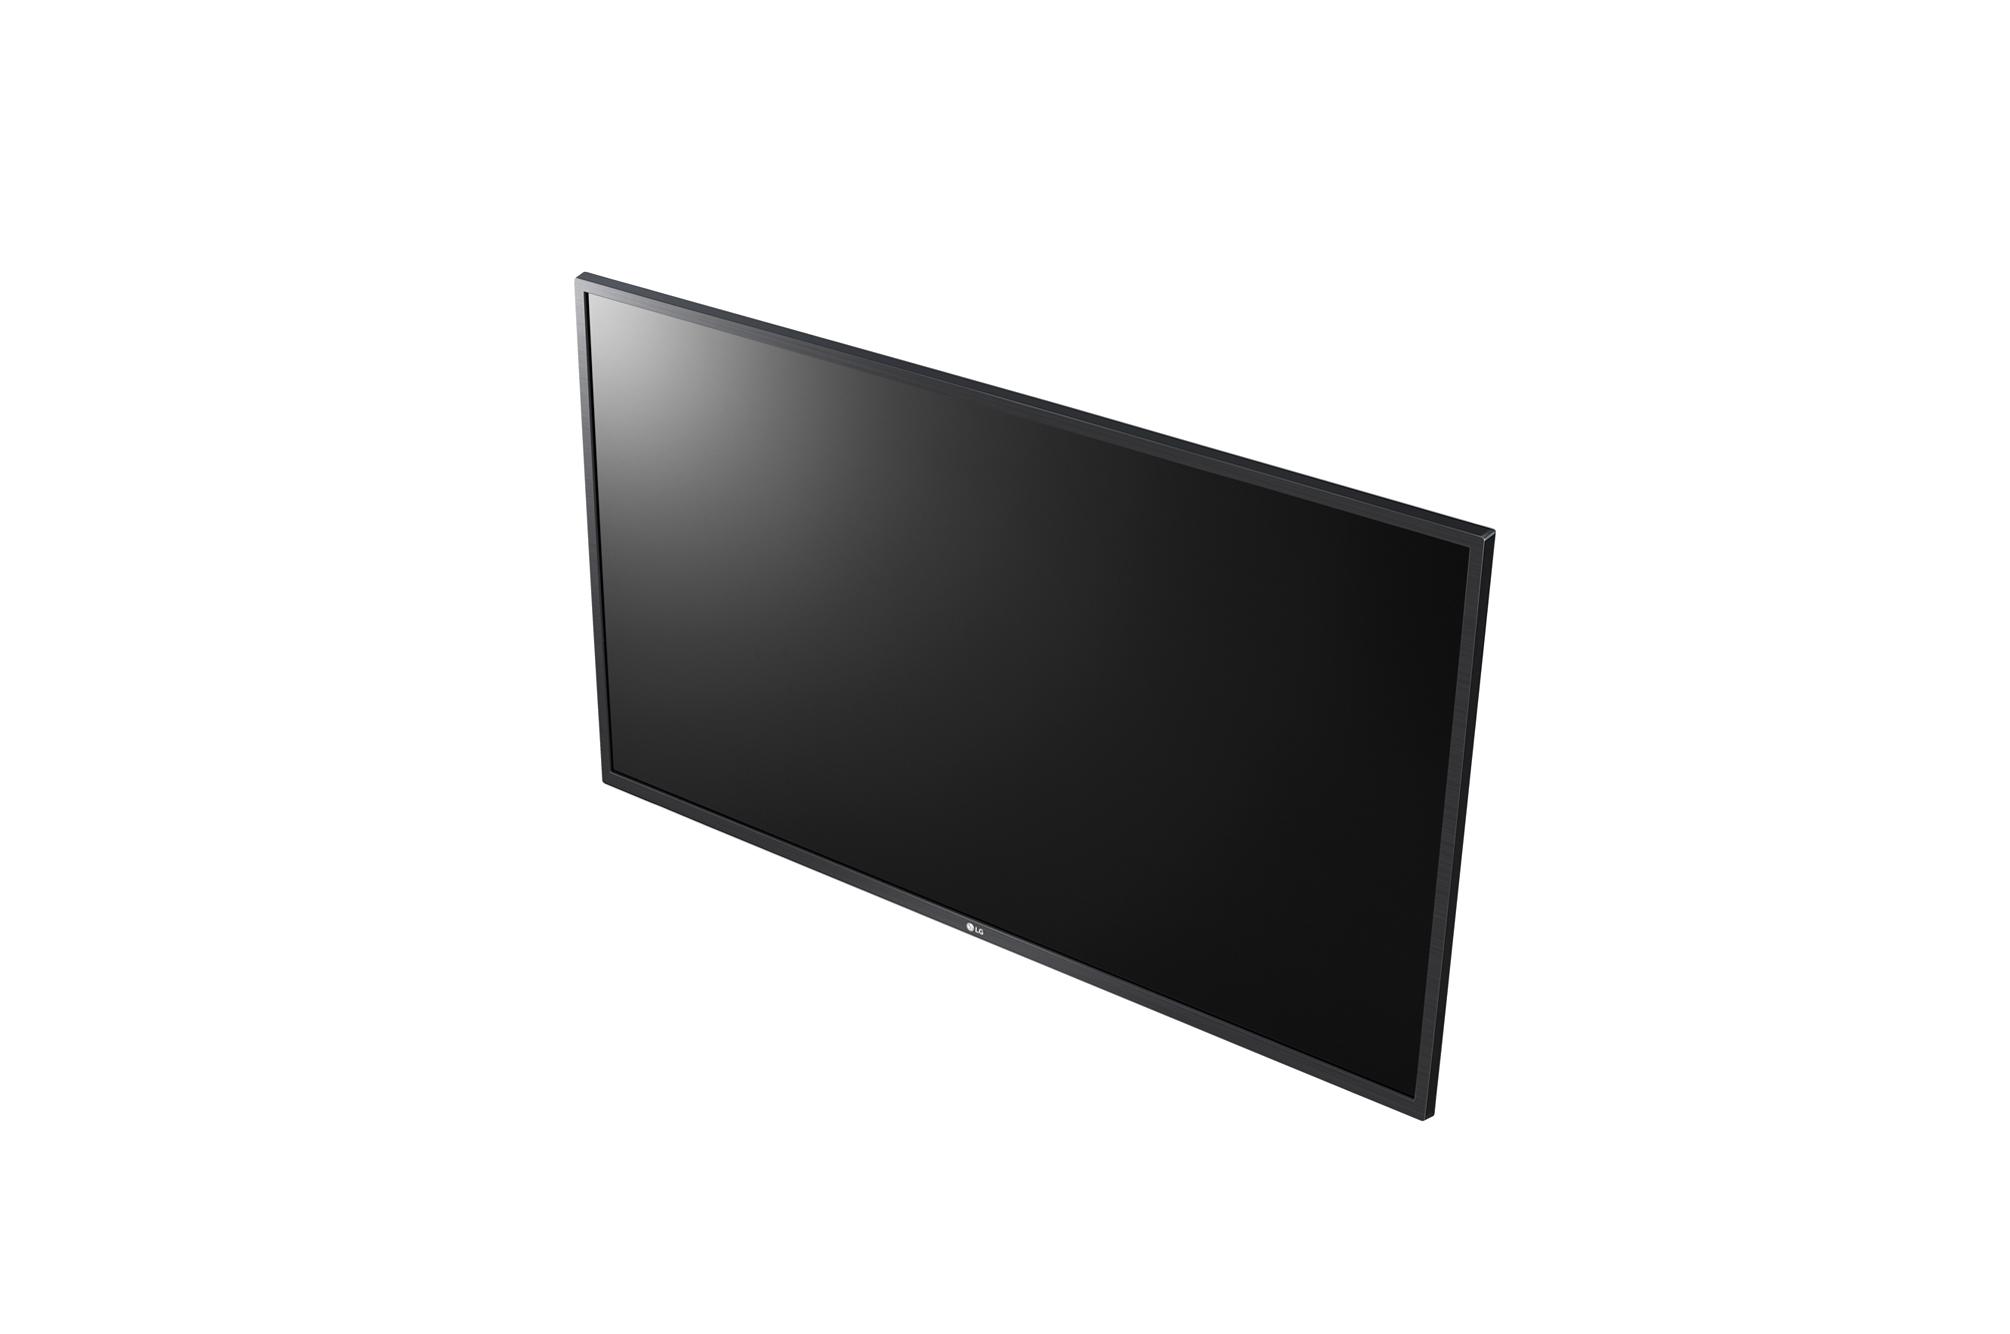 LG Standard Premium 50UL3G-B 5